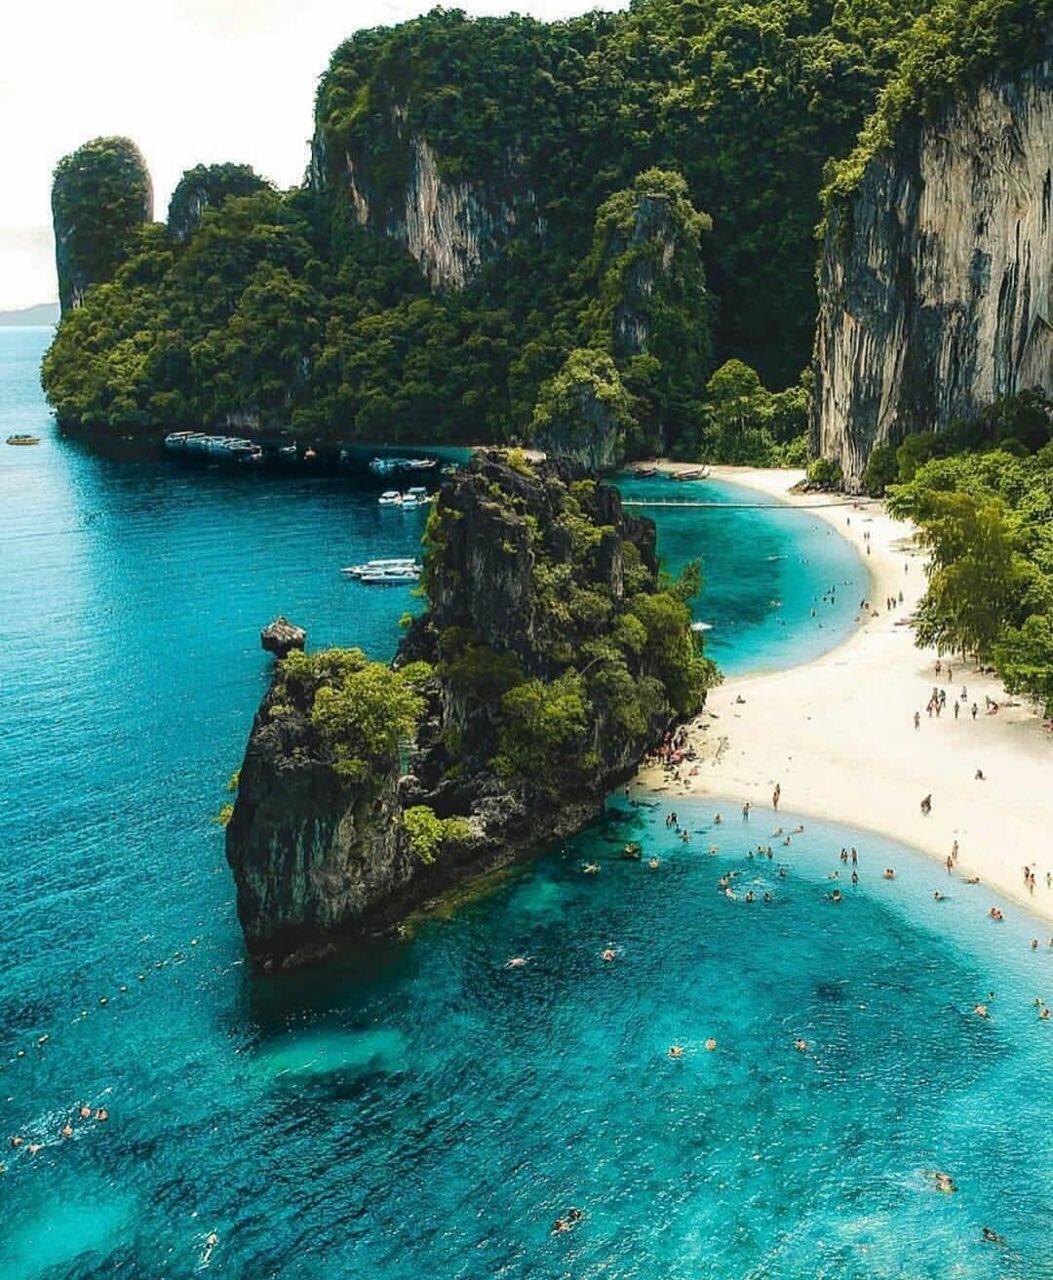 для таиланд пхукет все острова в картинках зависит ассоциаций